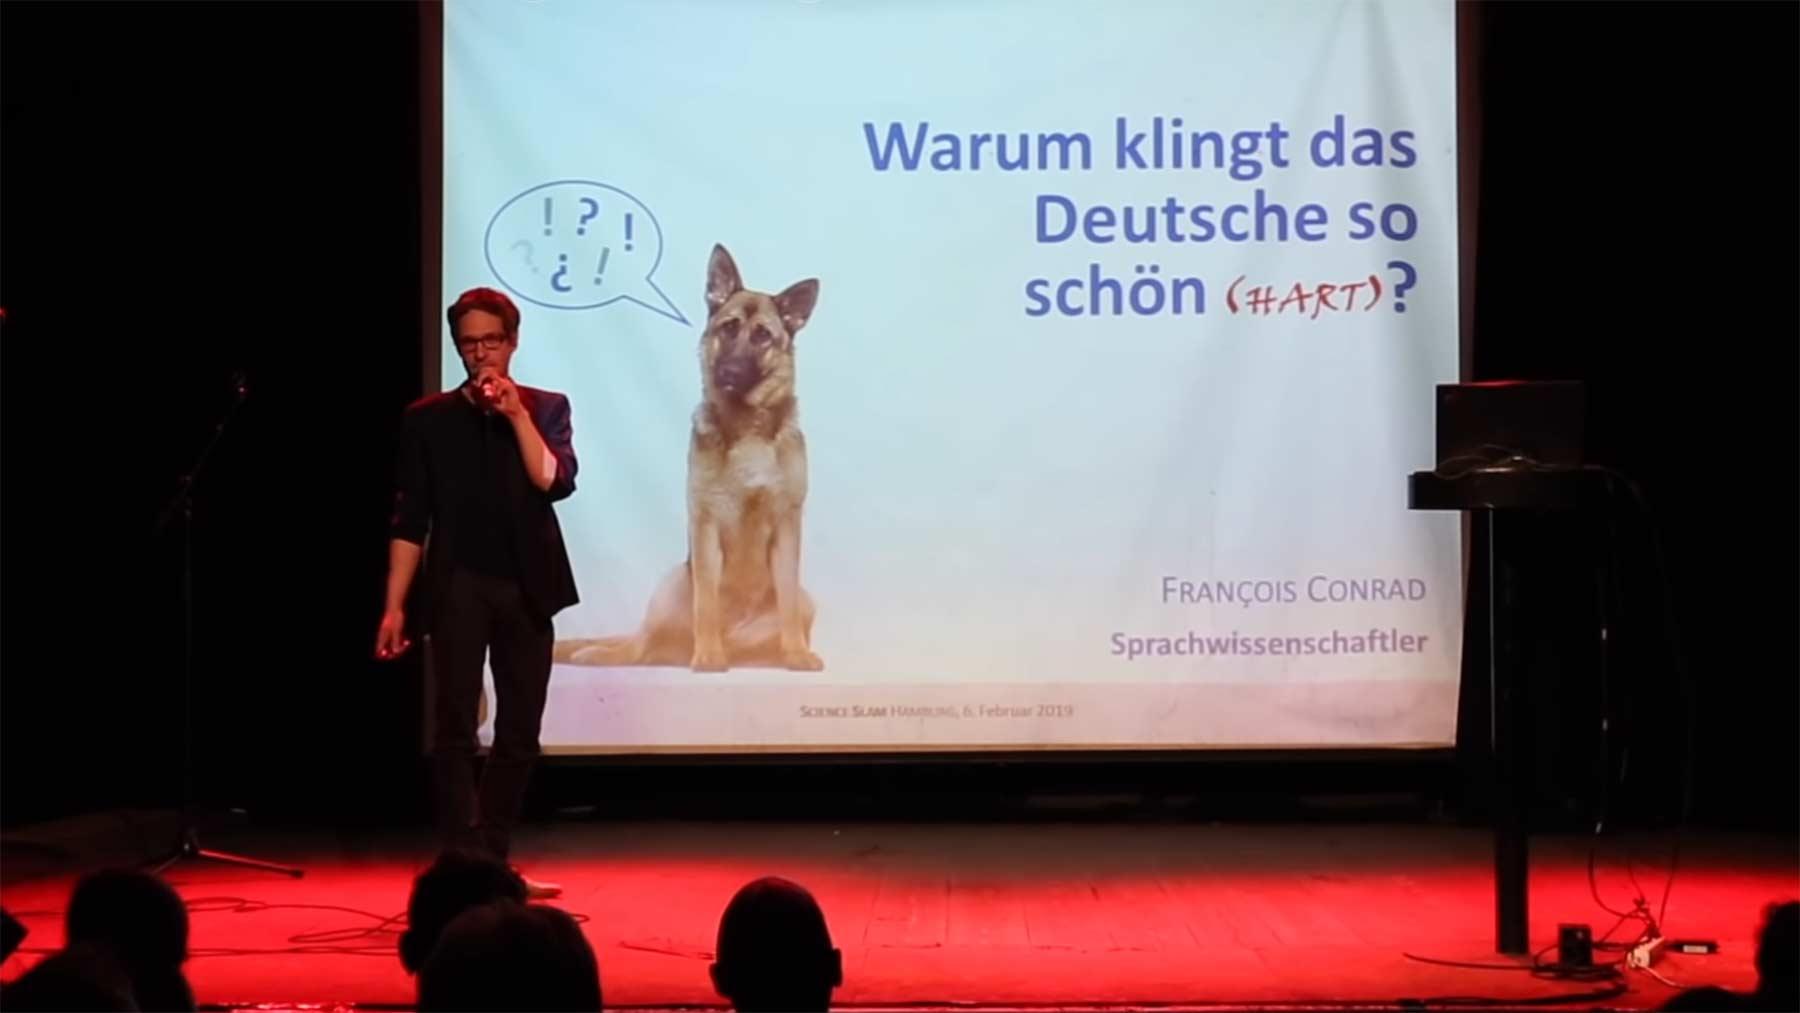 Weshalb klingt die deutsche Sprache so schön (hart)? science-slam-warum-klingt-das-deutsche-so-schoen-hart